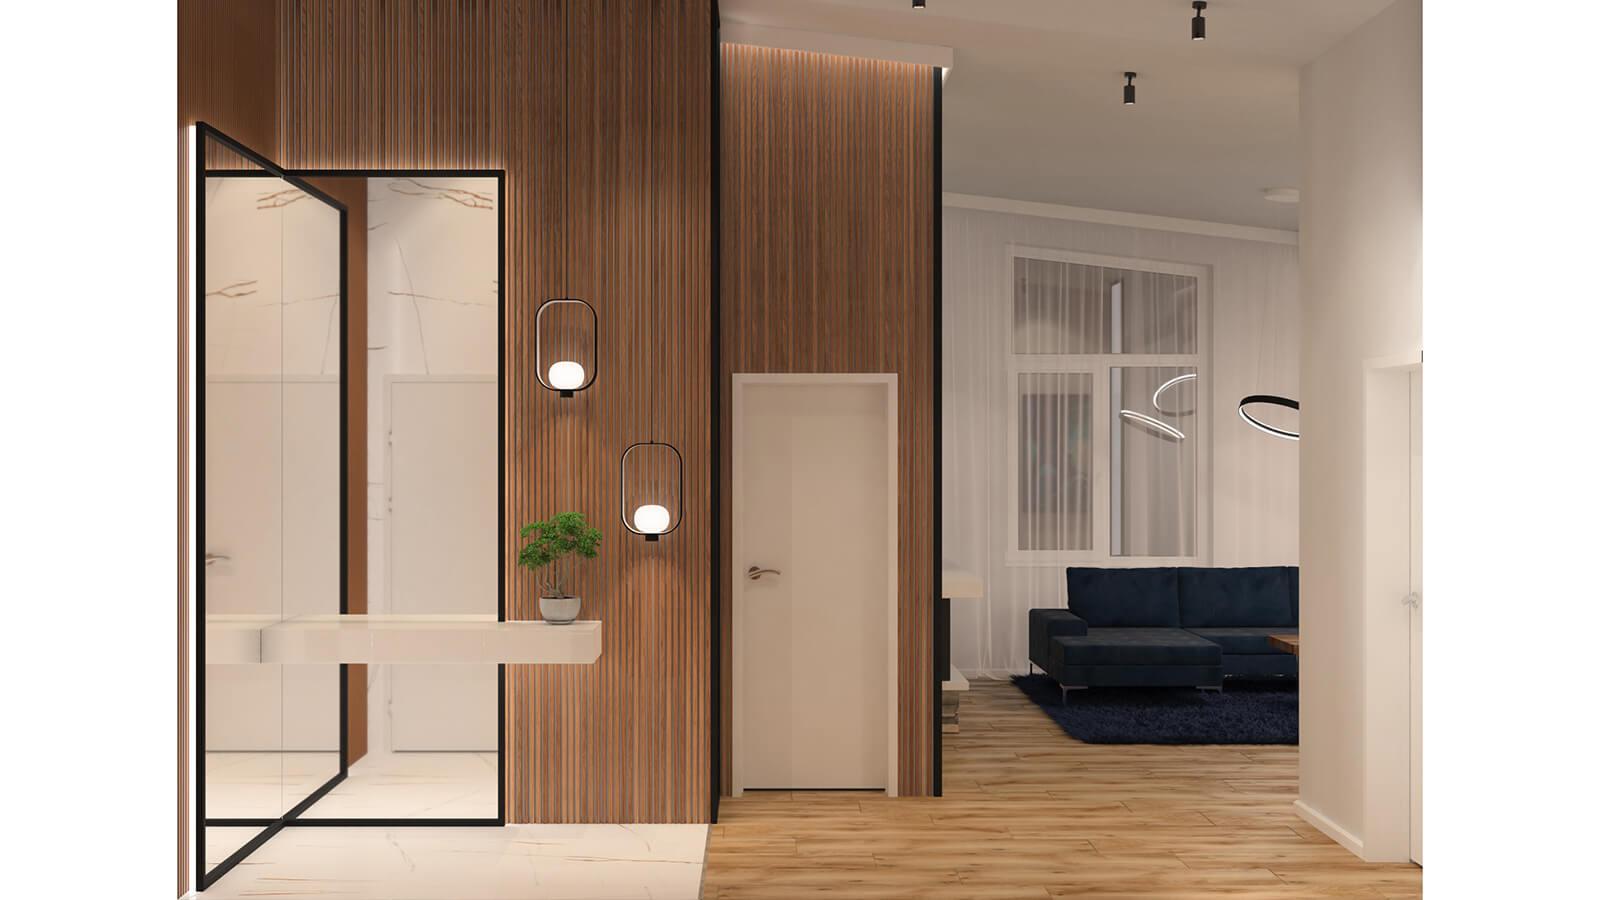 Interioren-dizain-na-vsekidnevna-esteta-interiori